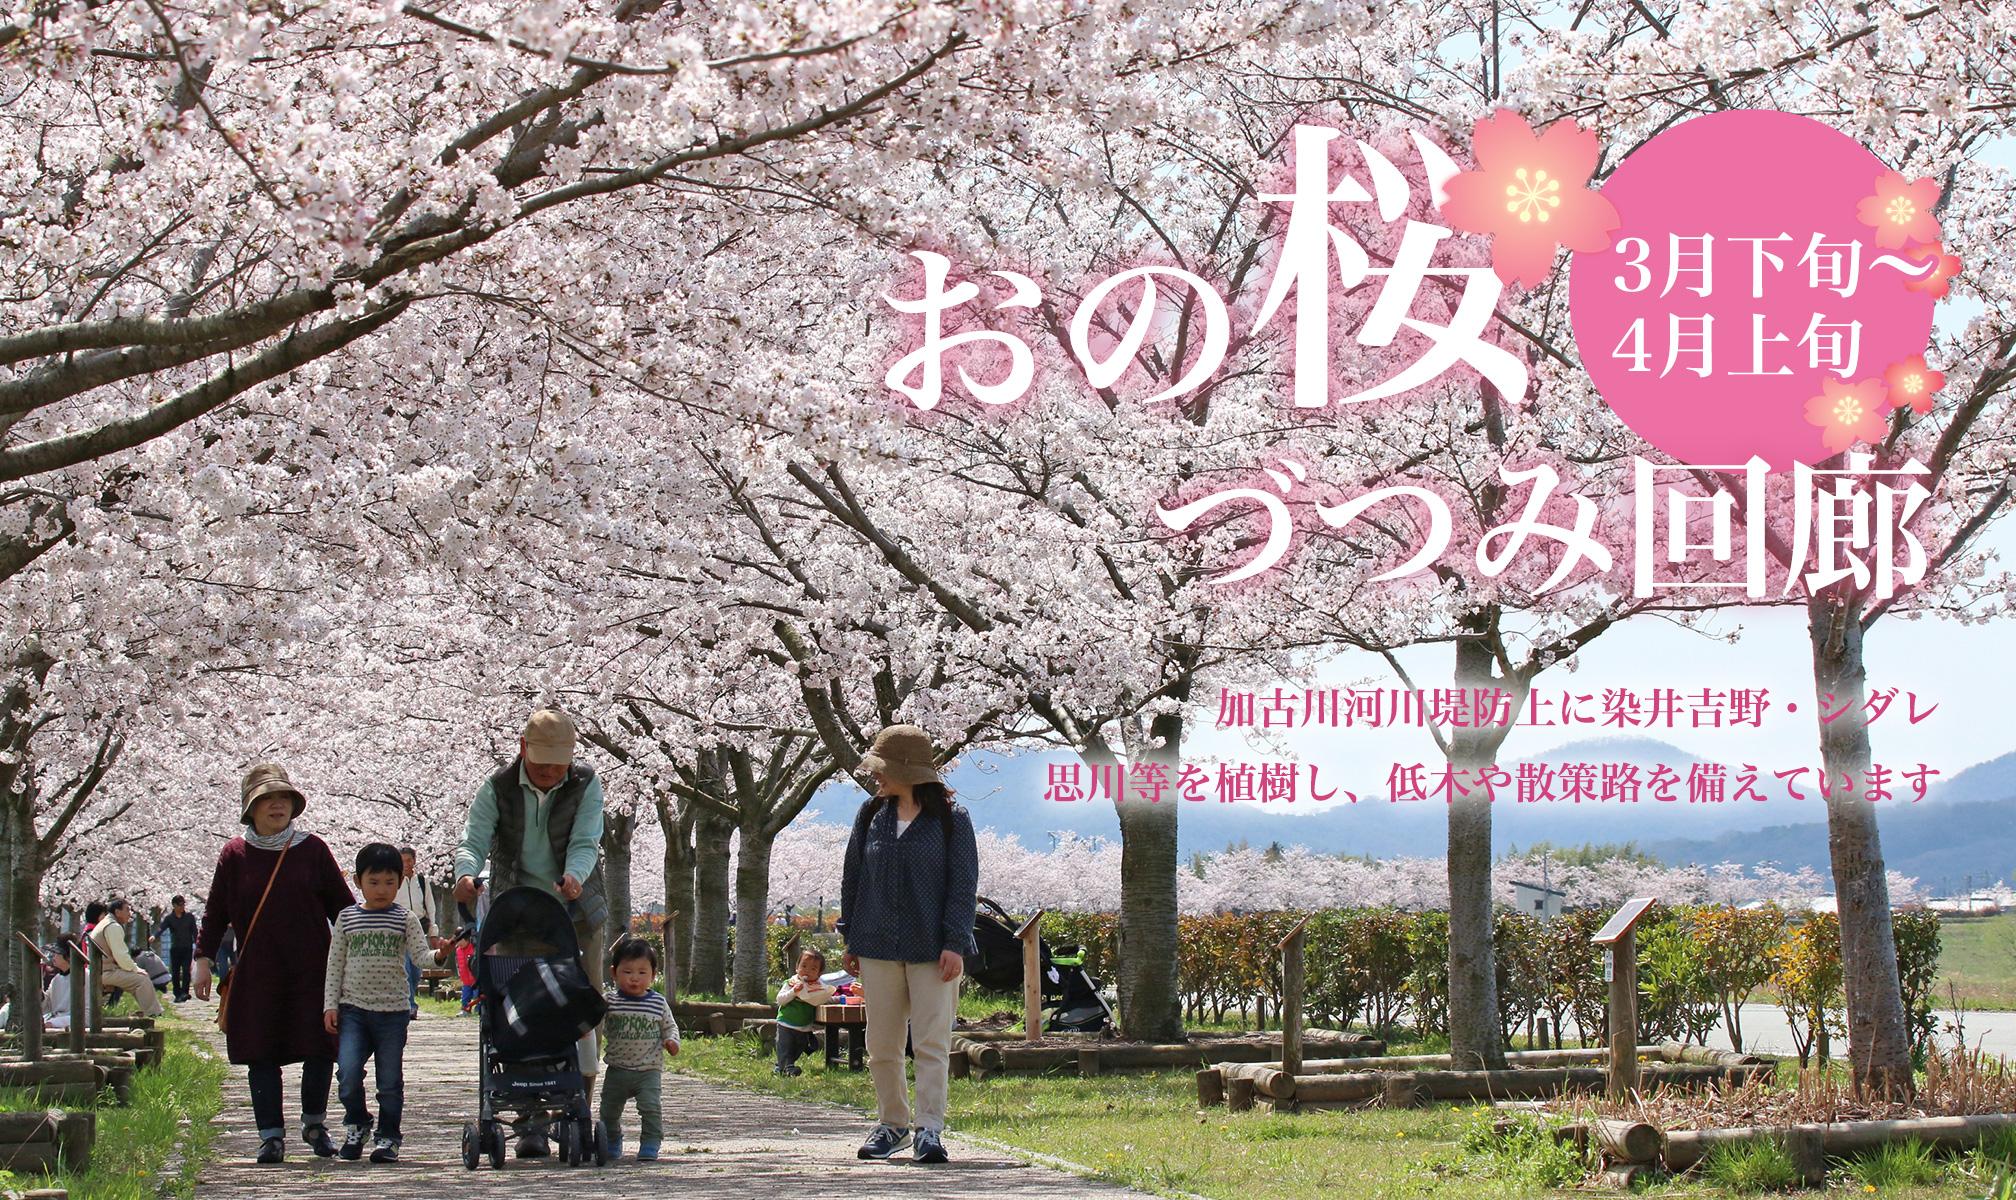 おの桜づつみ回廊